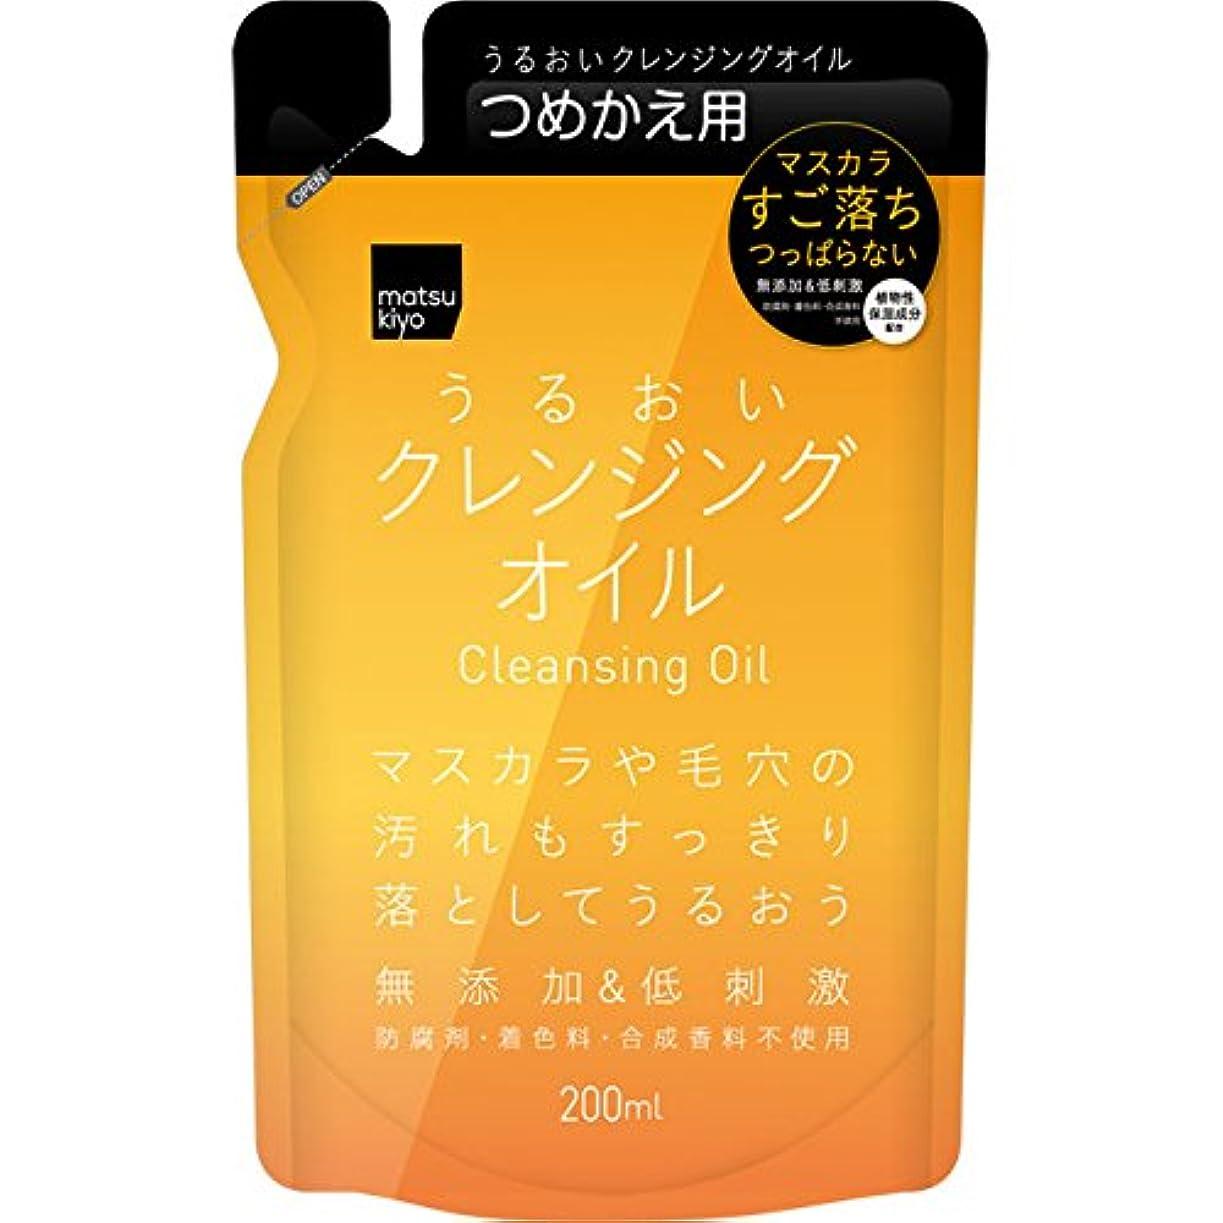 歯キリン特派員matsukiyo うるおいクレンジングオイル 詰替 200ml詰替